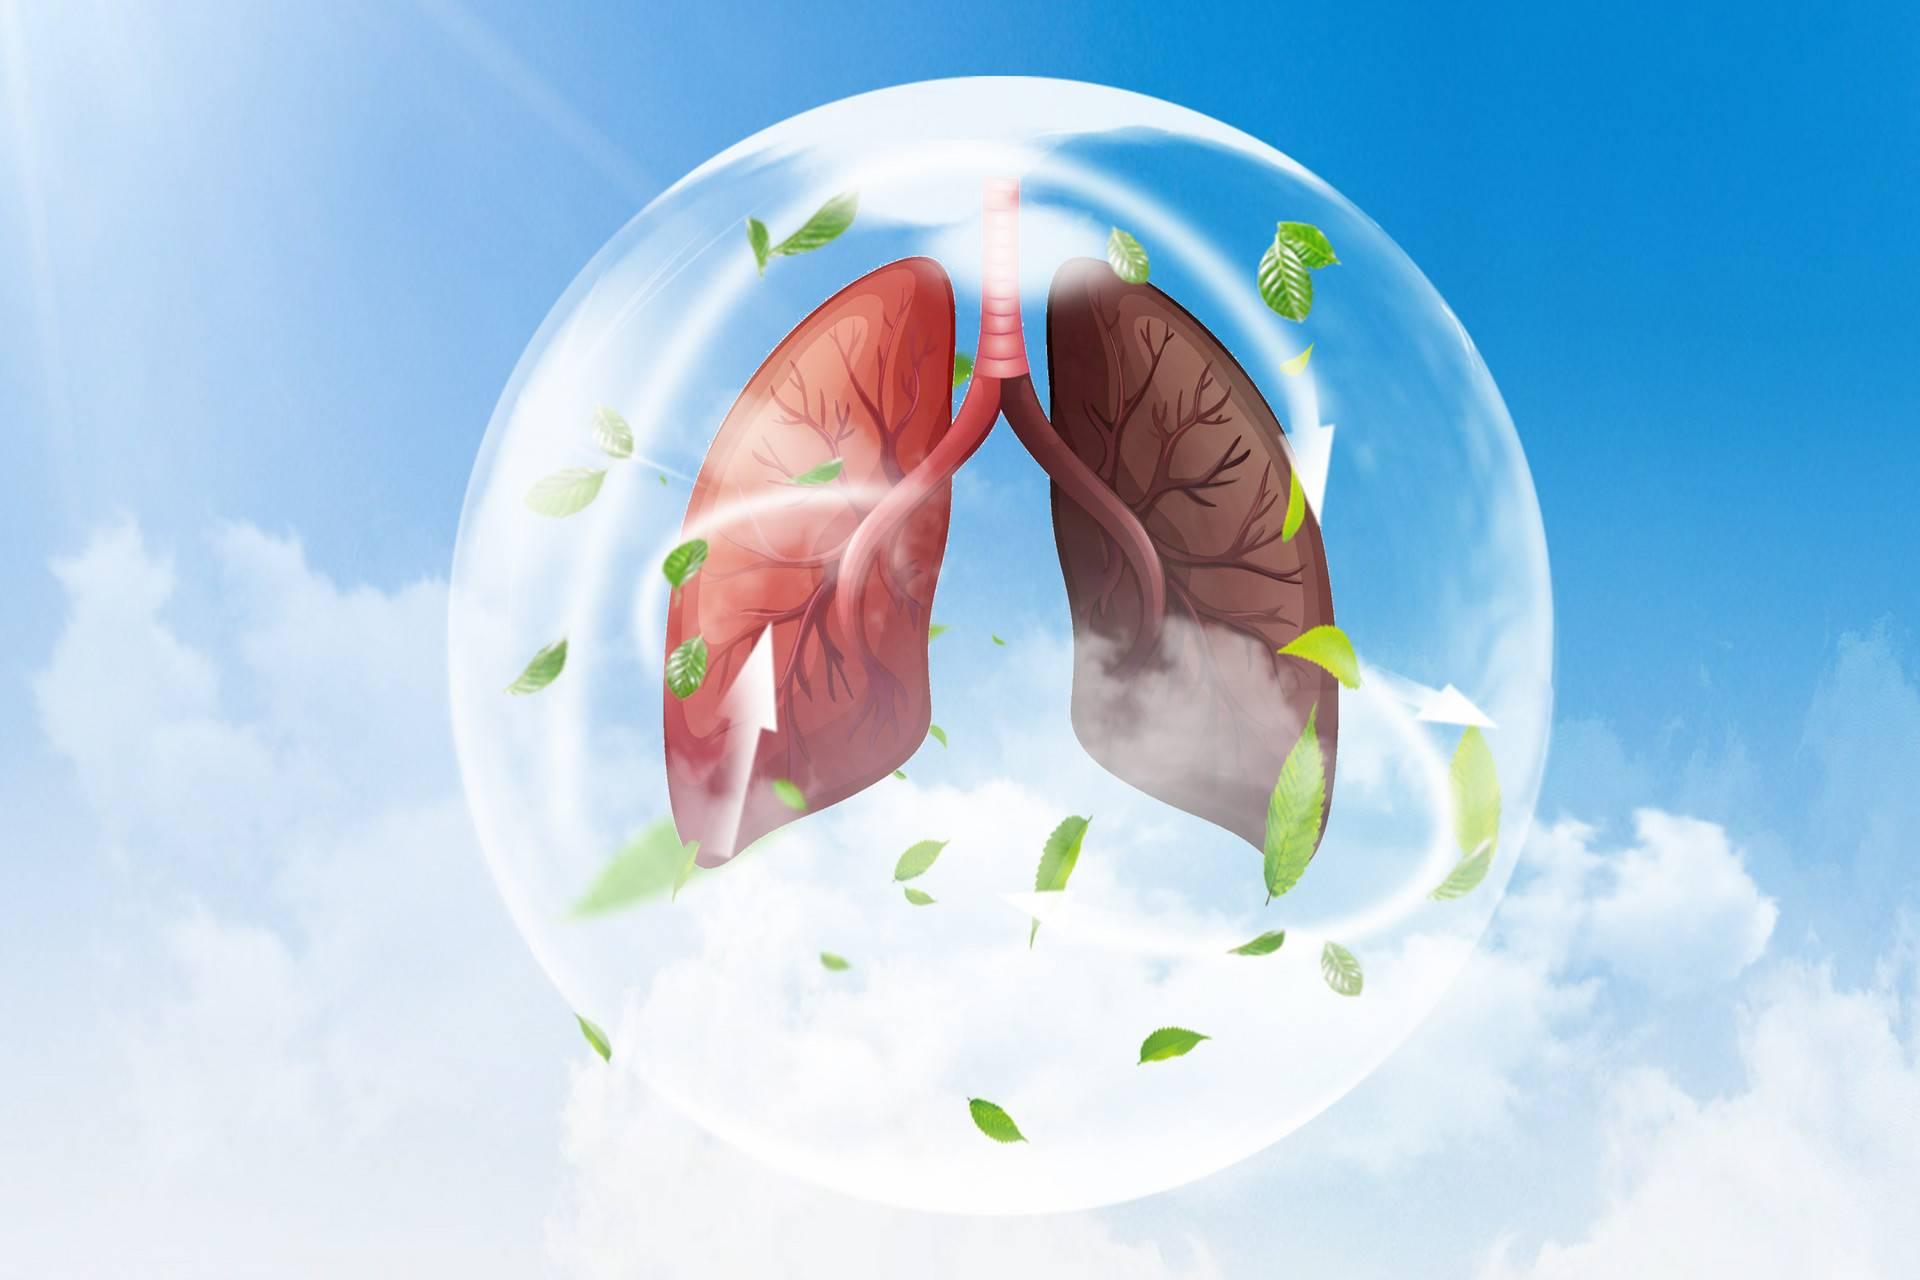 5年生存率高达83.2%!奥希替尼为肺癌术后患者带来更多治愈希望